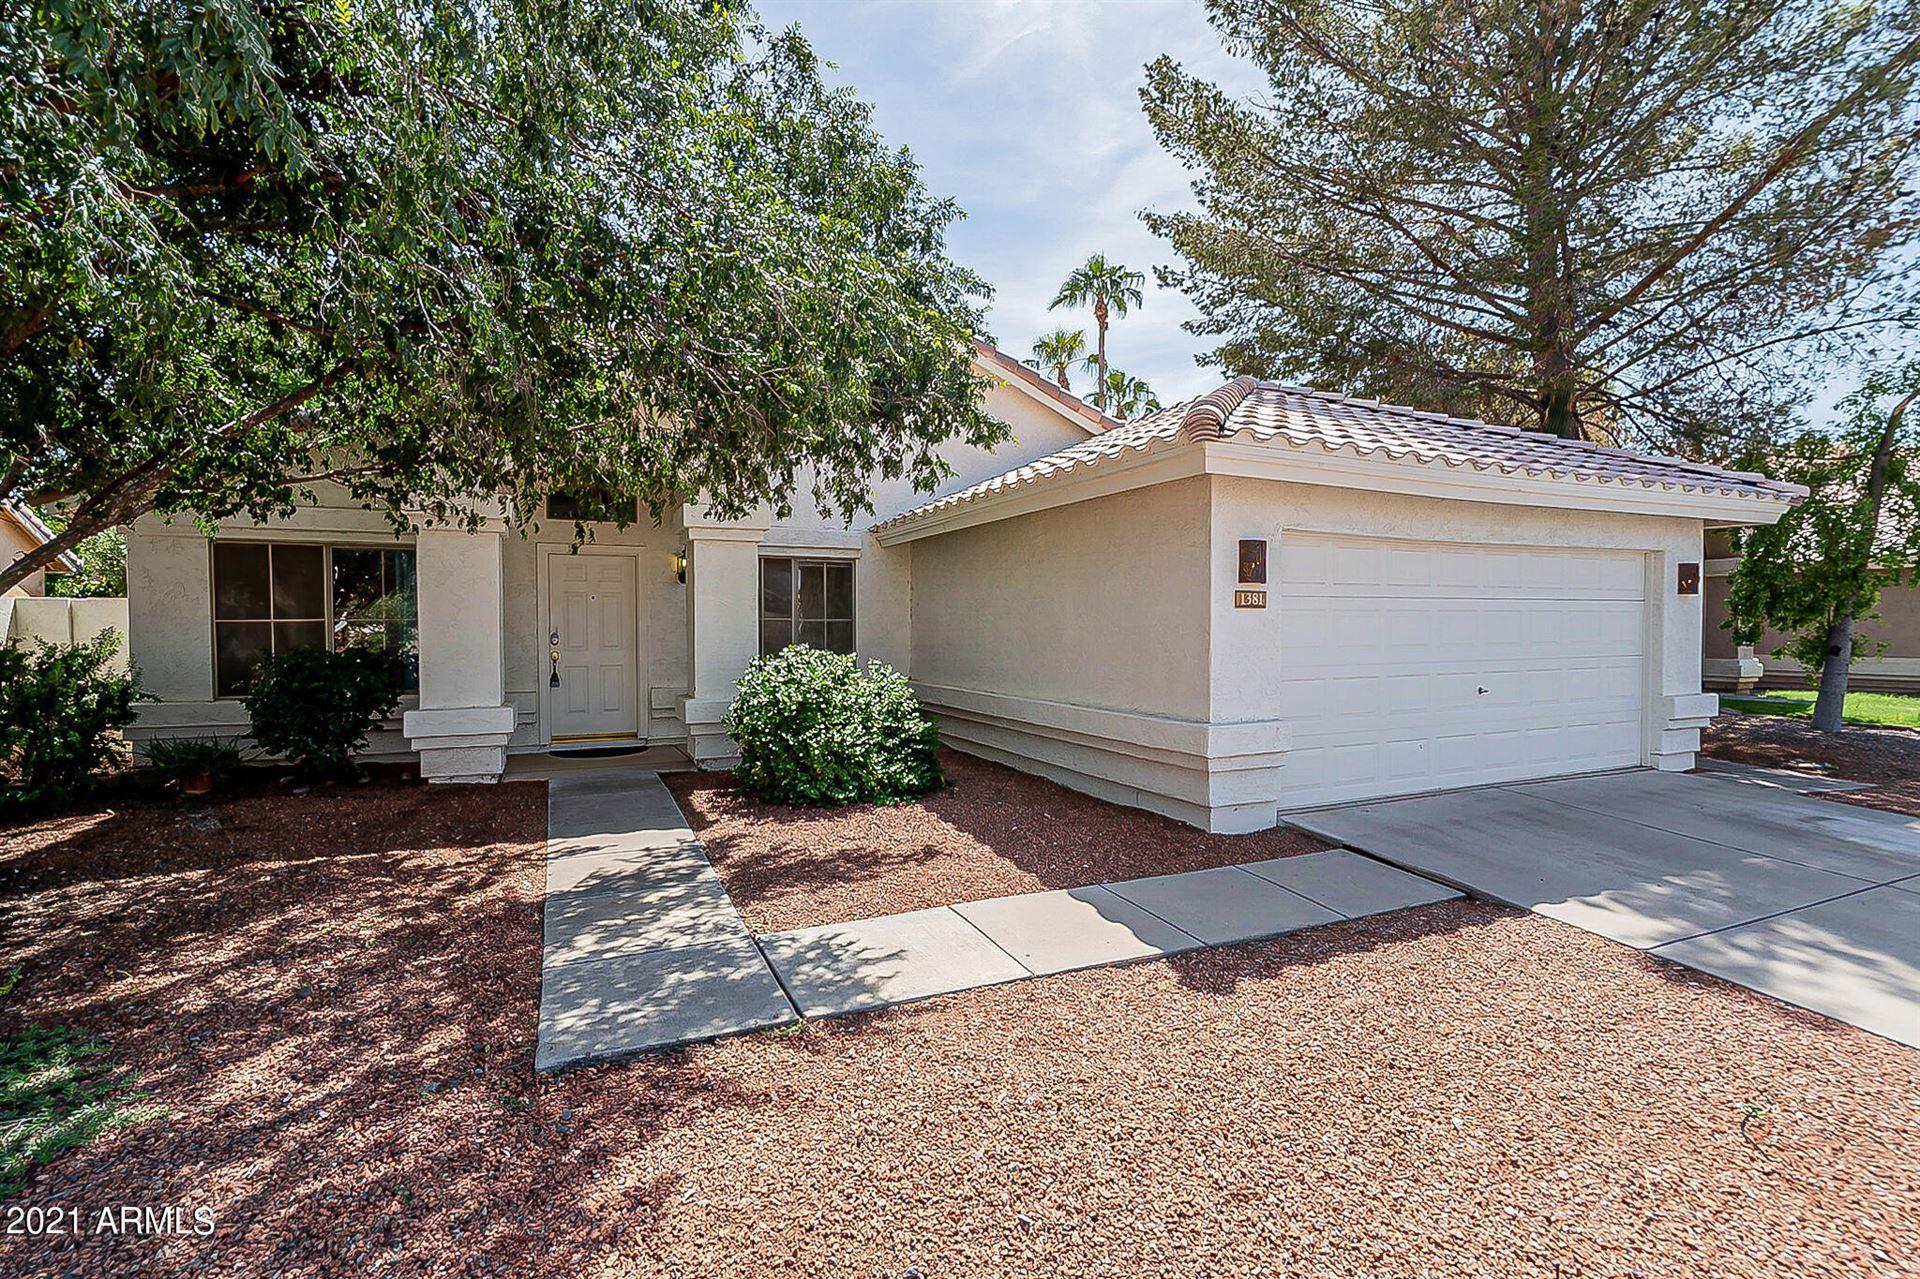 1381 W CANARY Way, Chandler, AZ 85286 - MLS#: 6289719